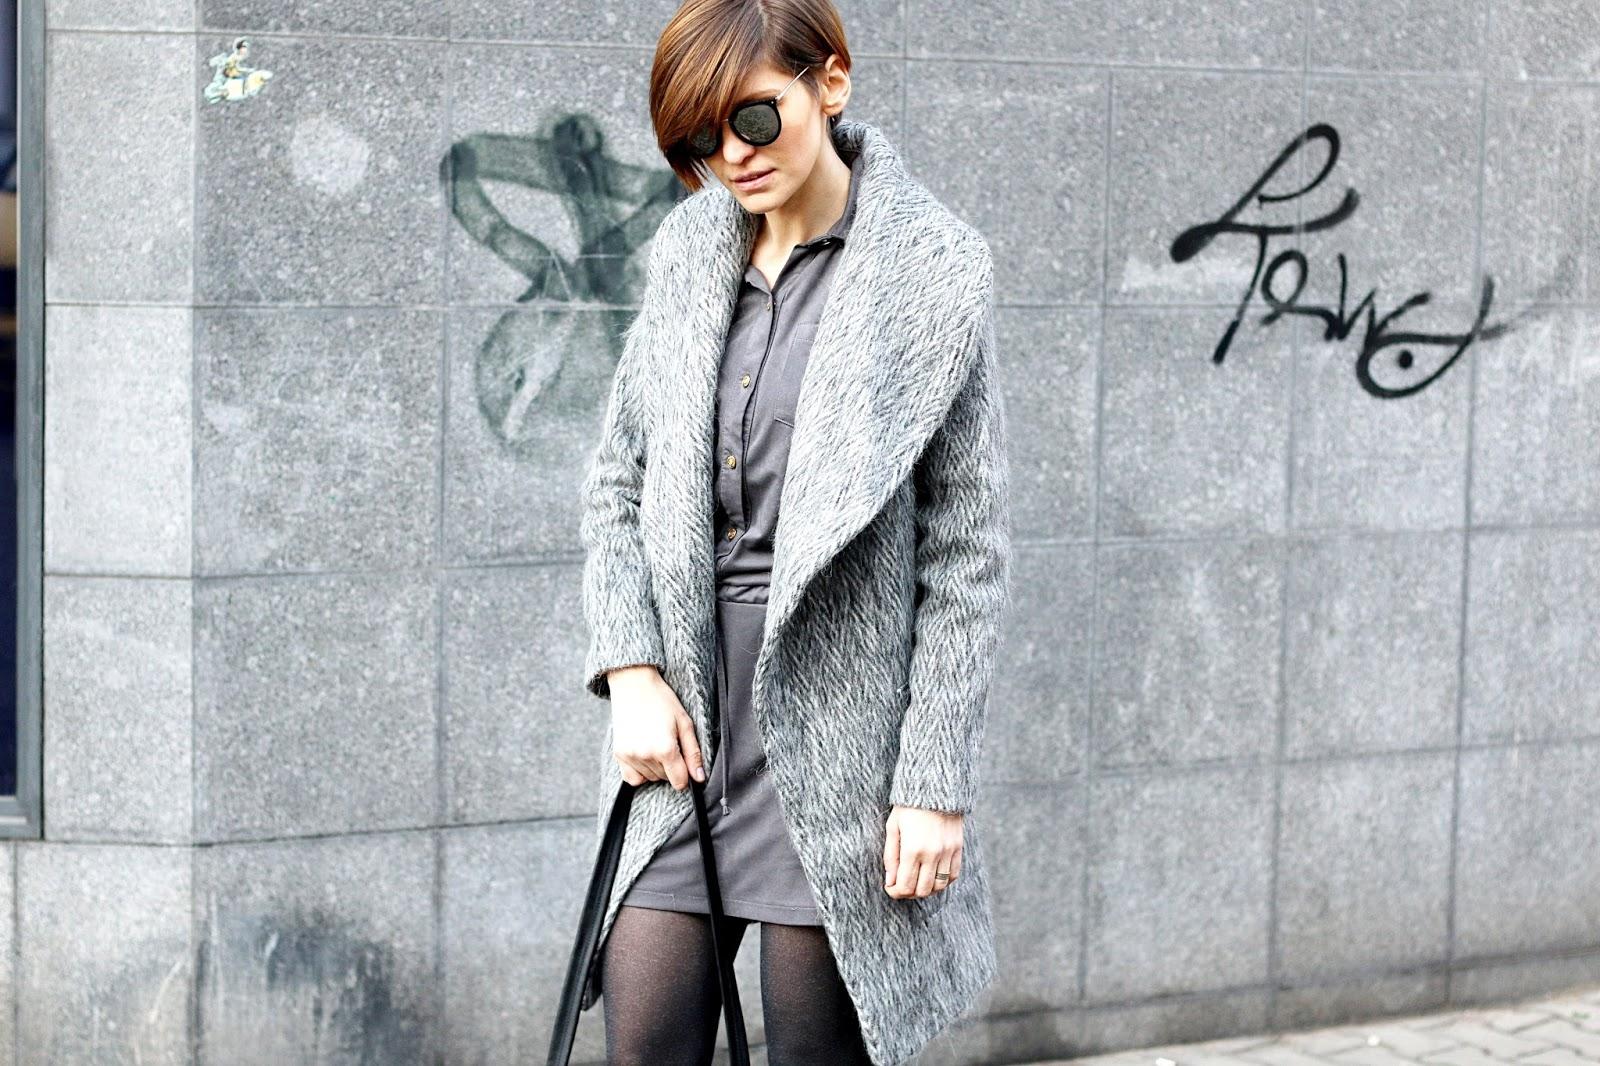 adidas superstar, stylizacja, szary płaszcz, wełniany płaszcz, casual, street style, stylistka poznan, blogerstyle, adidasy do płaszcza,